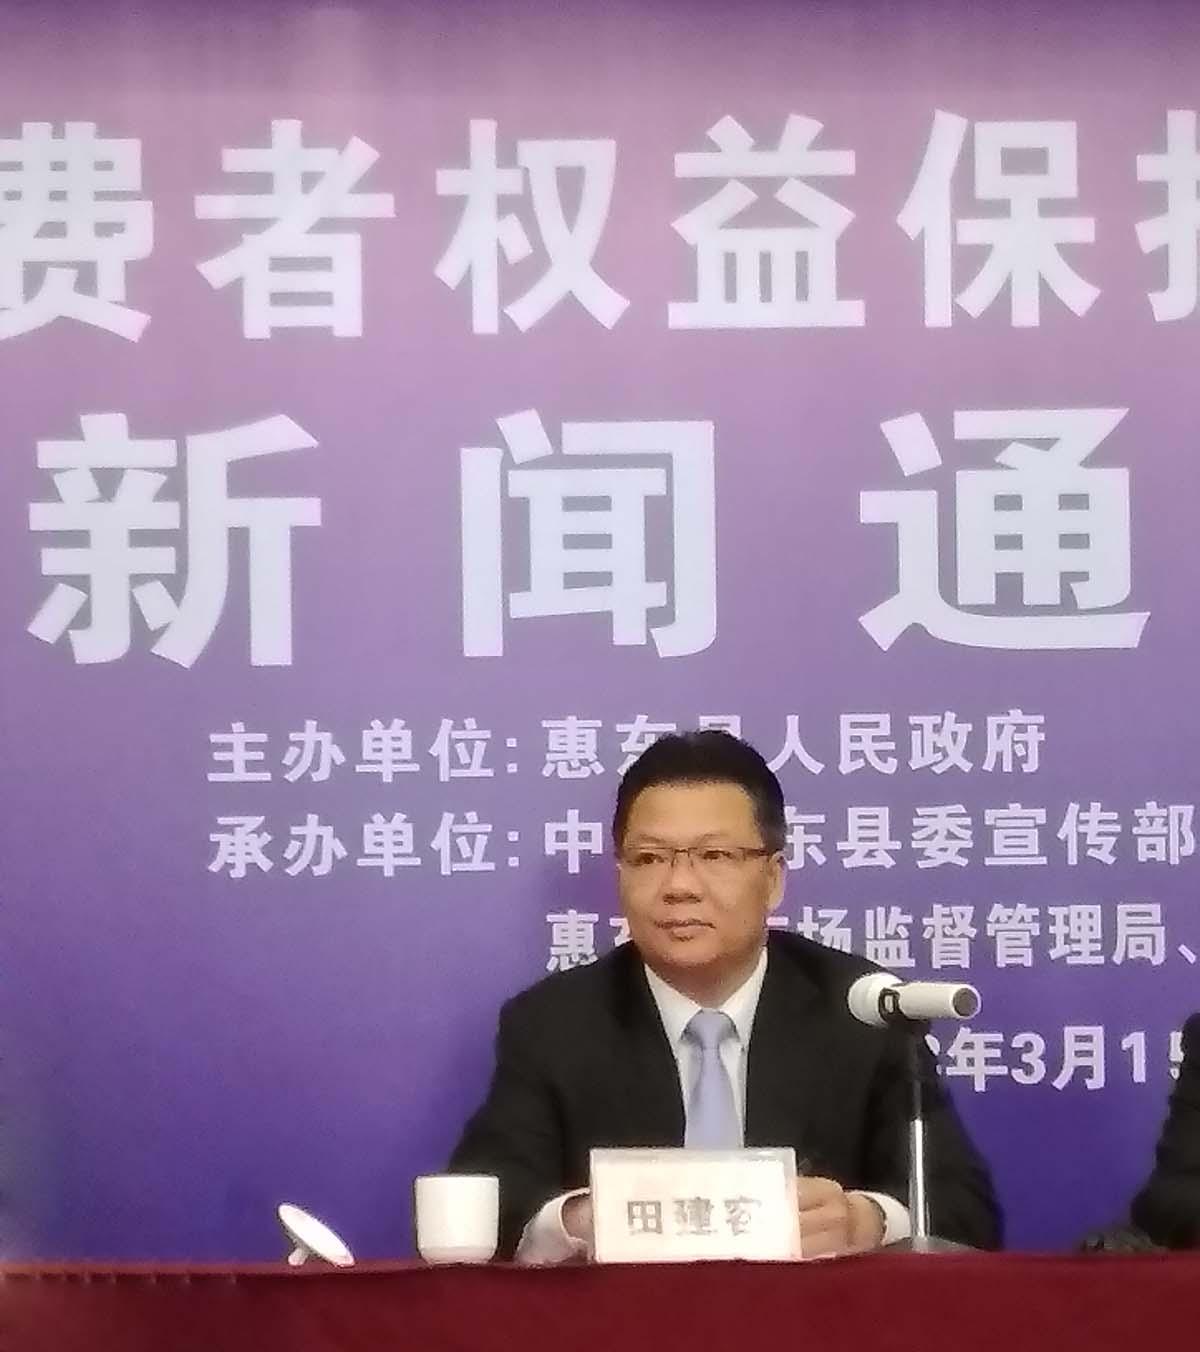 全力创建广东省食品安全示范县